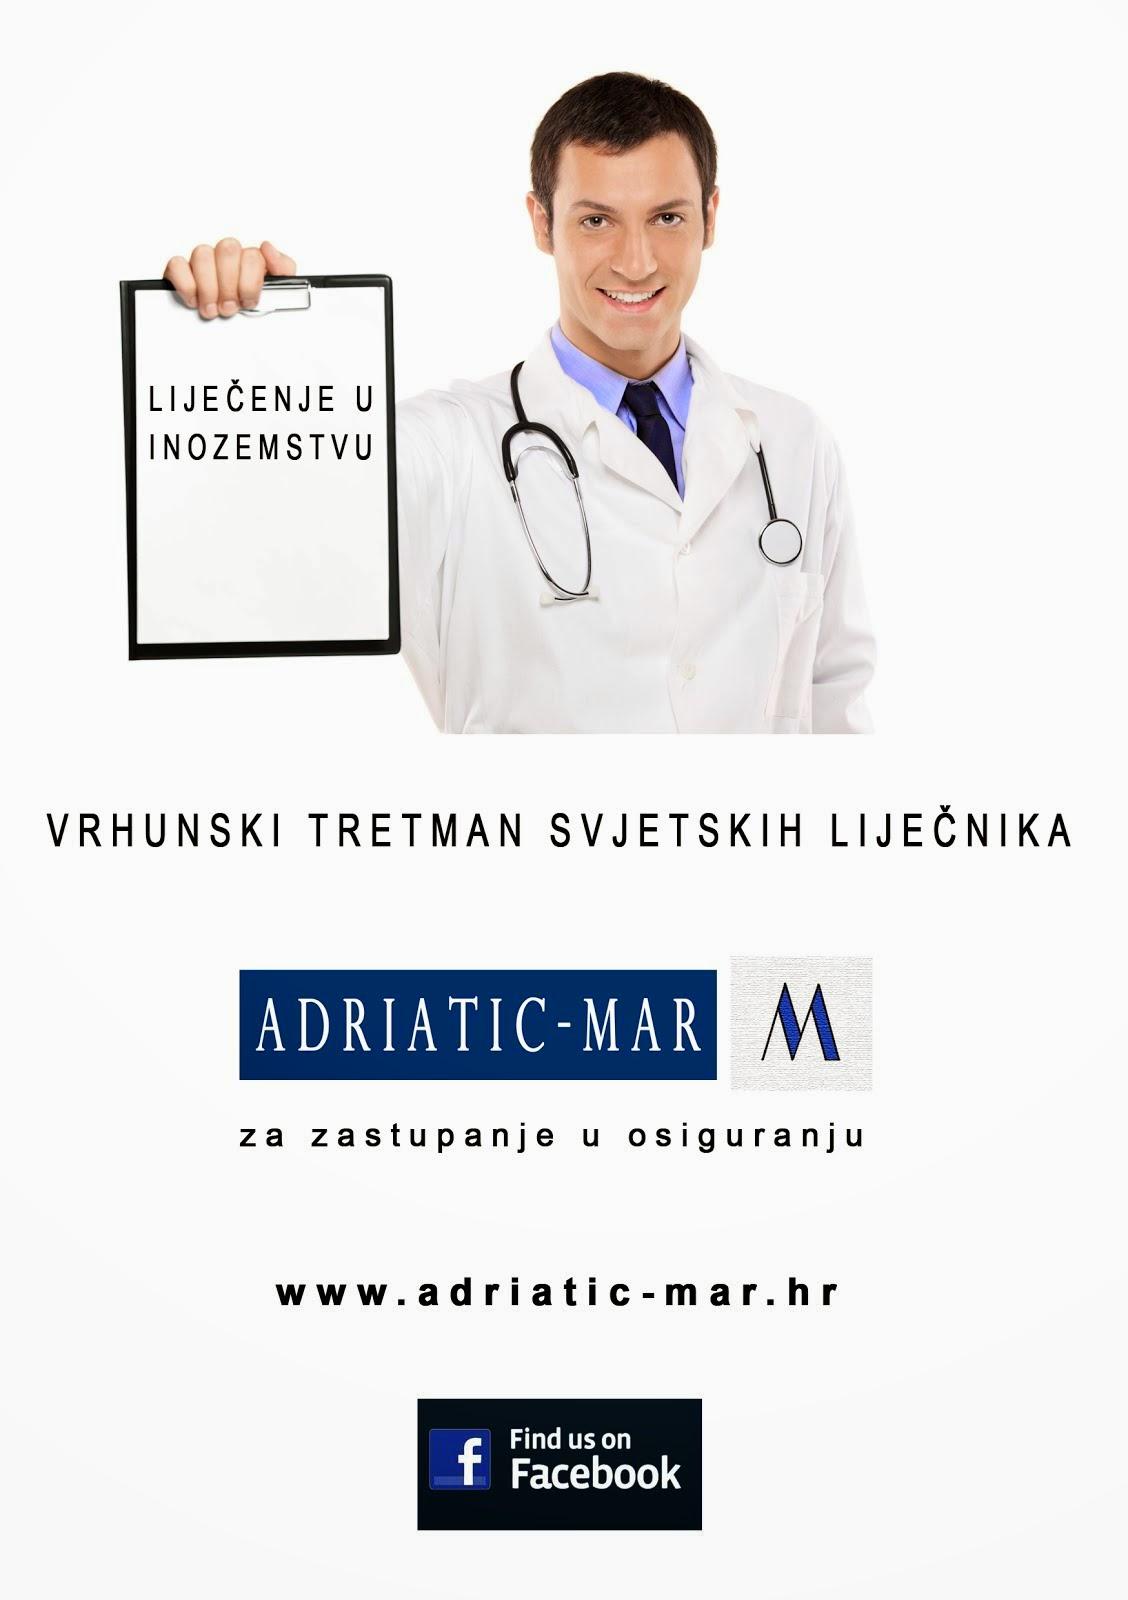 Liječenje u inozemstvu